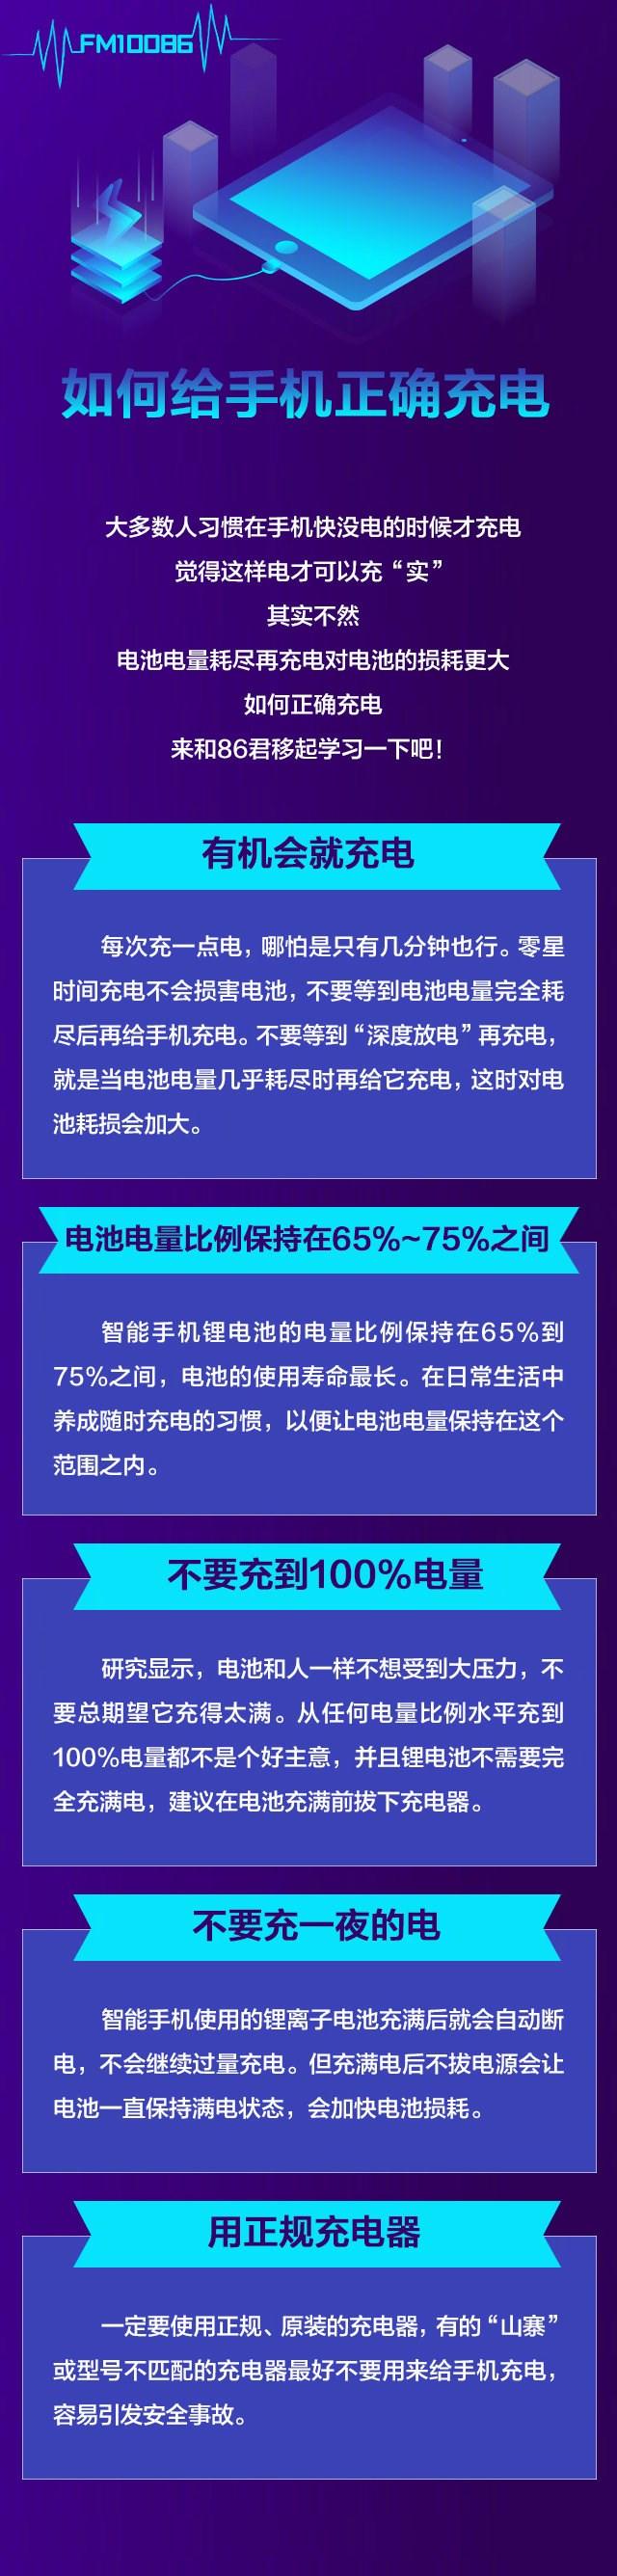 中国移动官方科普手机充电 你充对了吗?